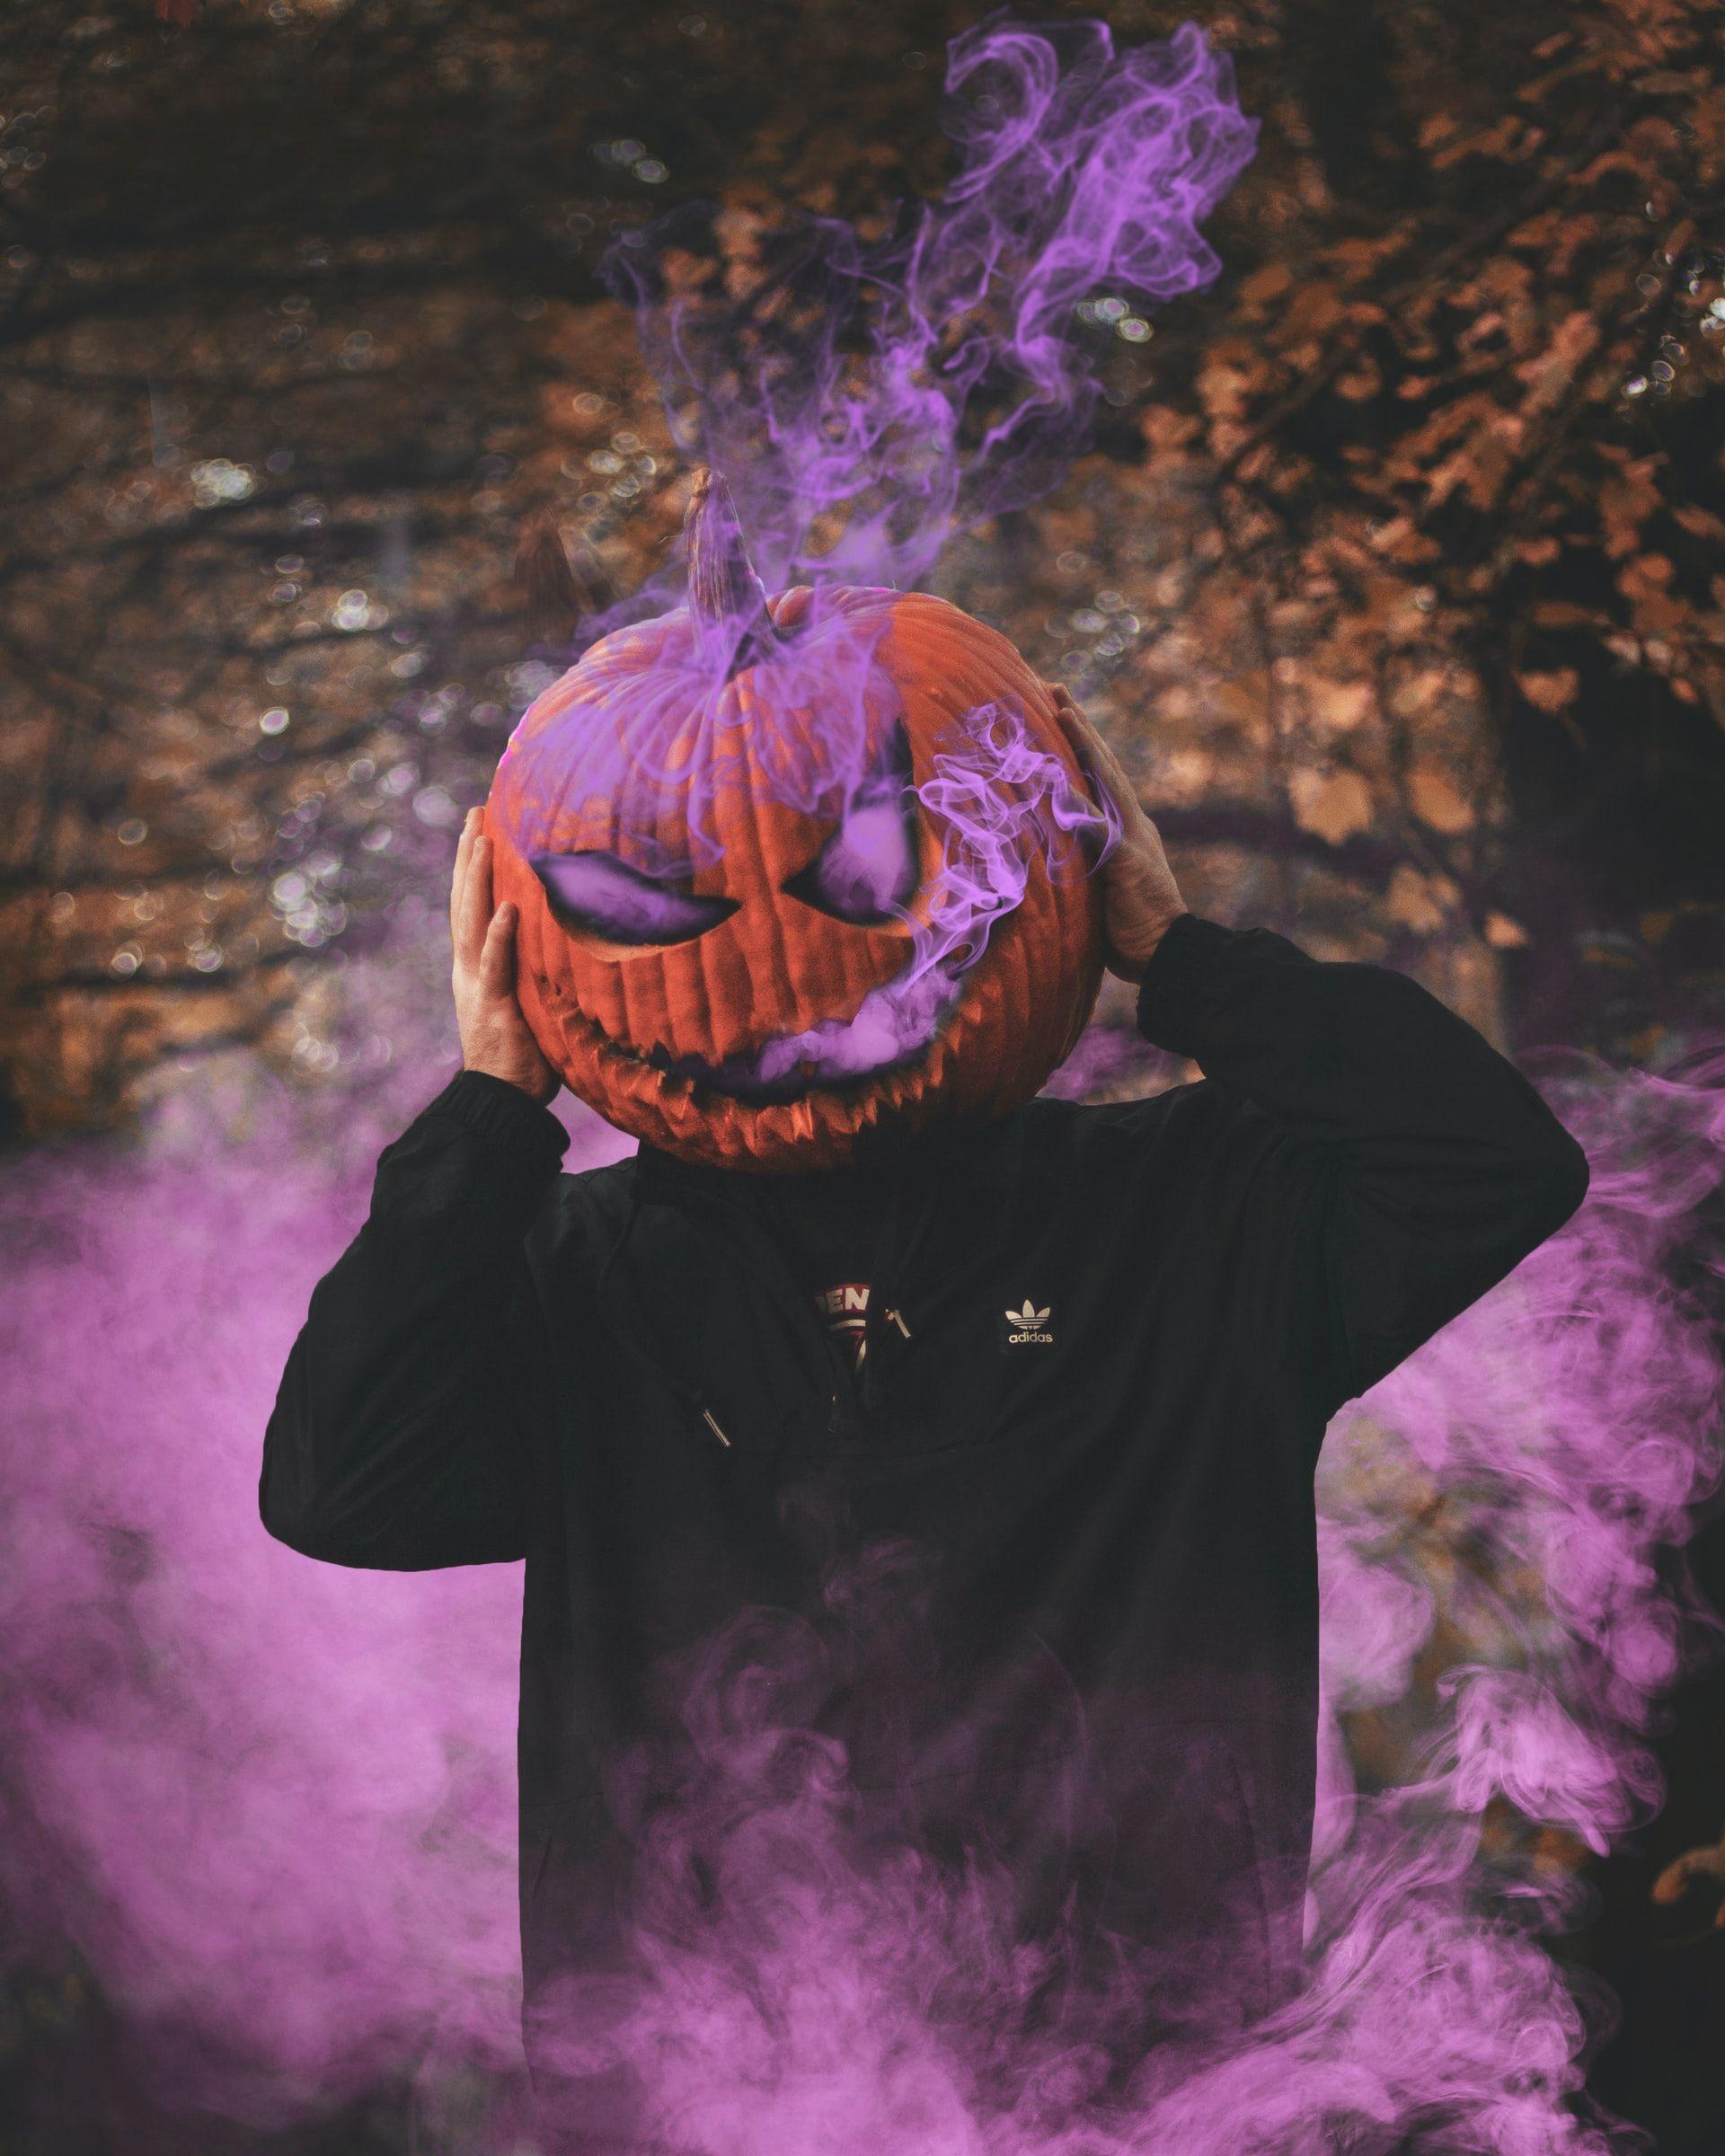 """La idea de los disfraces de Halloween seguramente inició como una manera de ahuyentar a los espiritus, aunque la fecha exacta en la que se adopot esta costumbre no esta del todo claro. <span>Photo by <a href=""""https://unsplash.com/@danny_lincoln?utm_source=unsplash&amp;utm_medium=referral&amp;utm_content=creditCopyText"""">Daniel Lincoln</a> on <a href=""""https://unsplash.com/s/photos/halloween?utm_source=unsplash&amp;utm_medium=referral&amp;utm_content=creditCopyText"""">Unsplash</a></span>"""